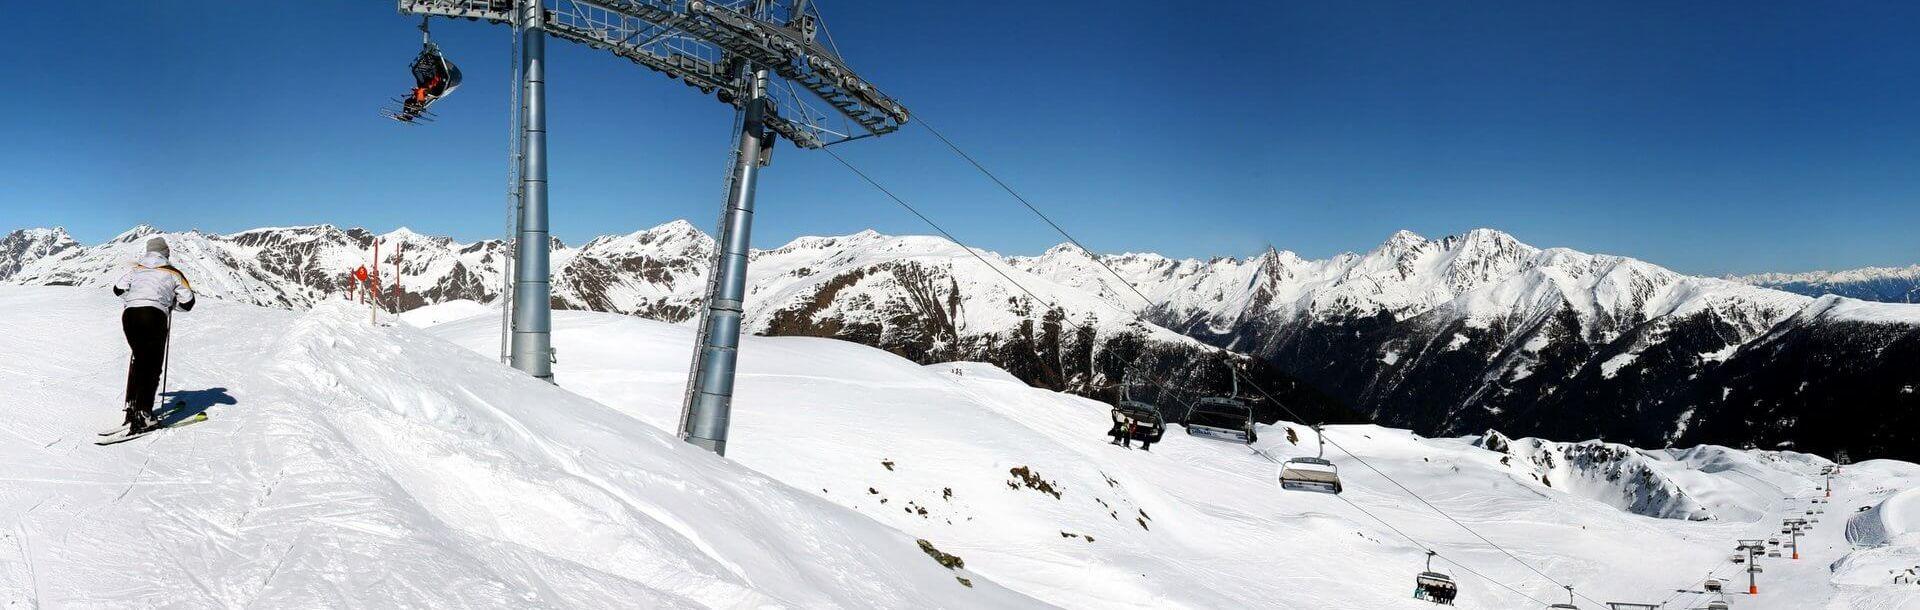 Skigebiet Sillian – Thurntaler - OsttirolerLand.com   © TVB Osttirol Hermann Ortnert